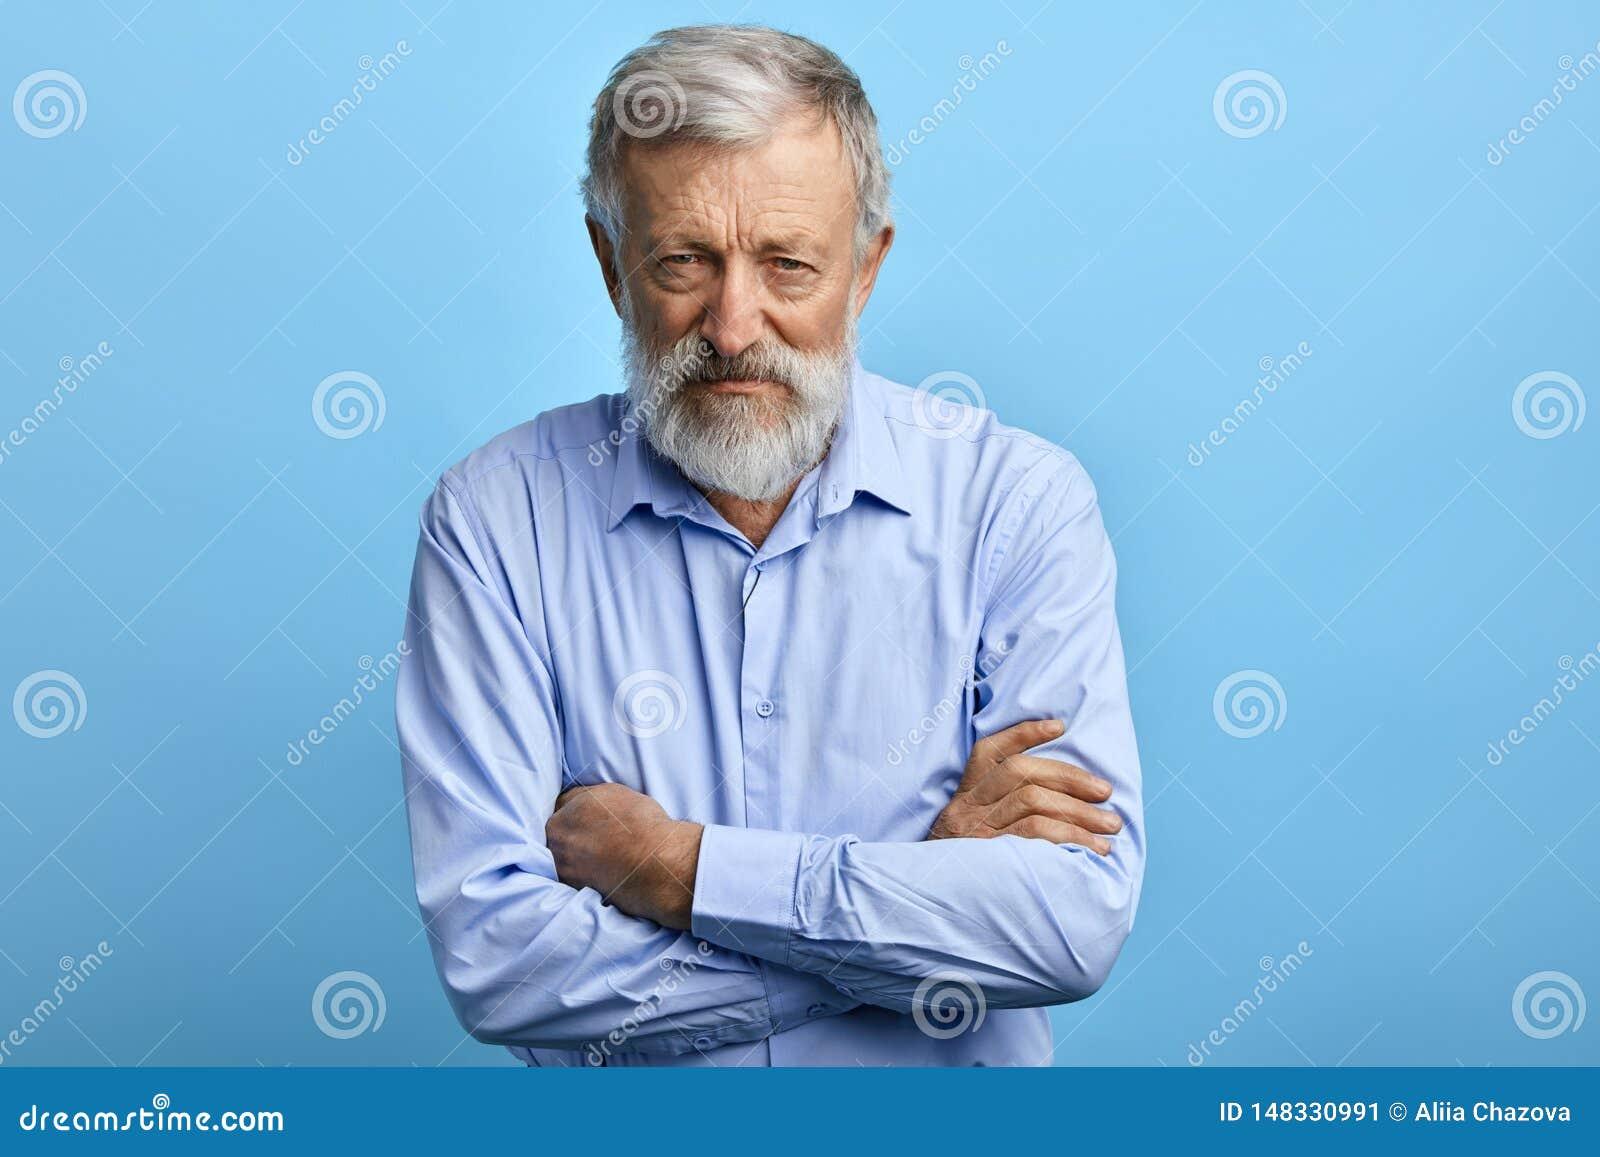 蓝色衬衣的英俊的老人有怀疑表示的